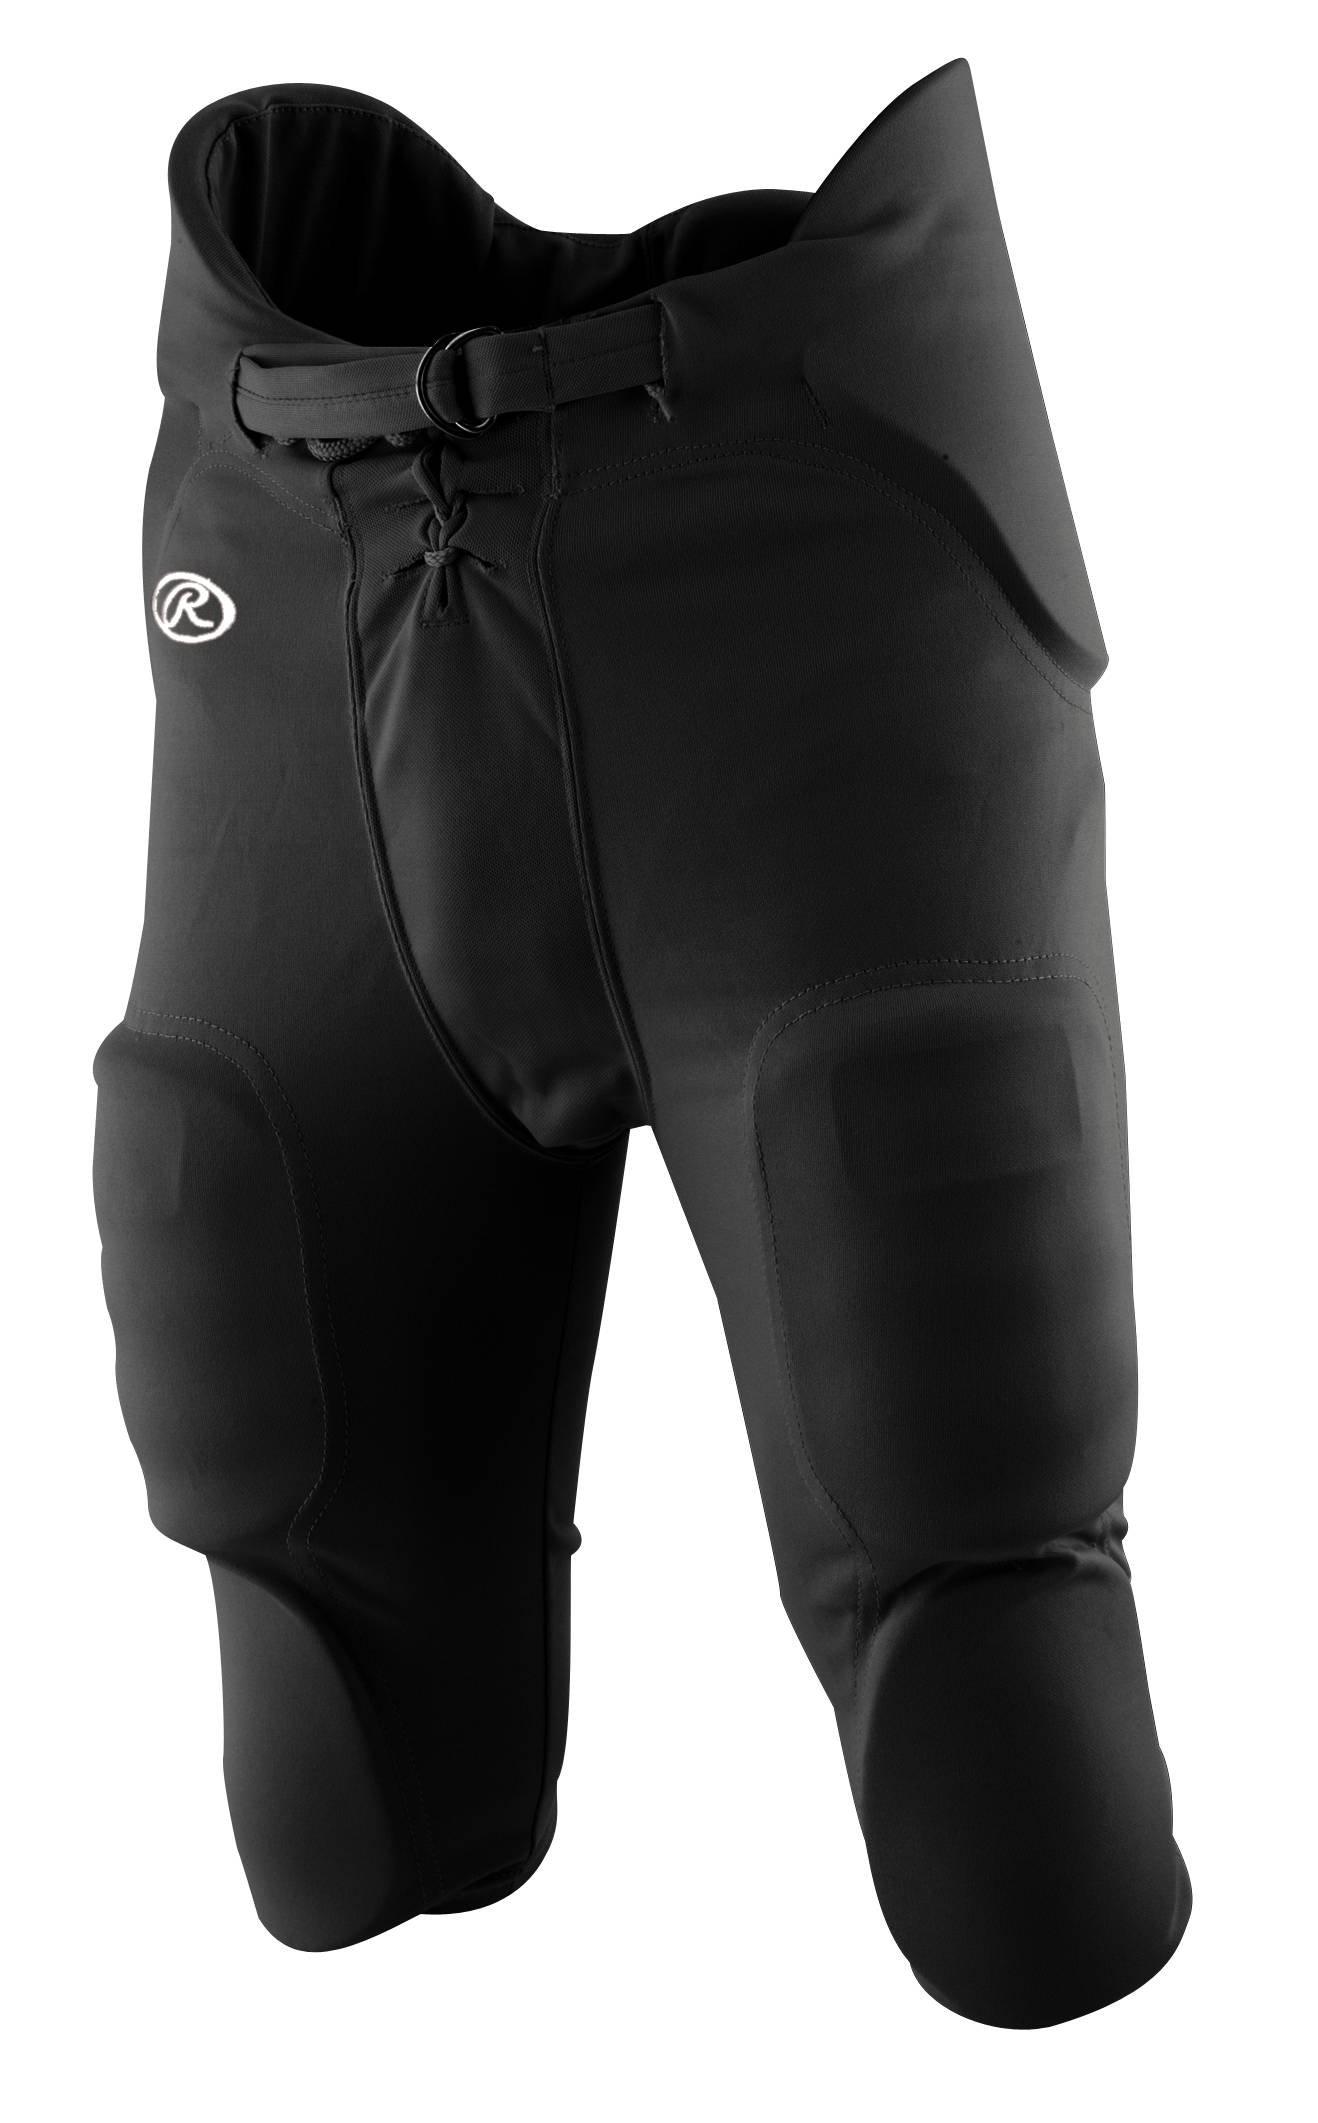 Rawlings Men's F3500P Football Pant (Black, X-Small)